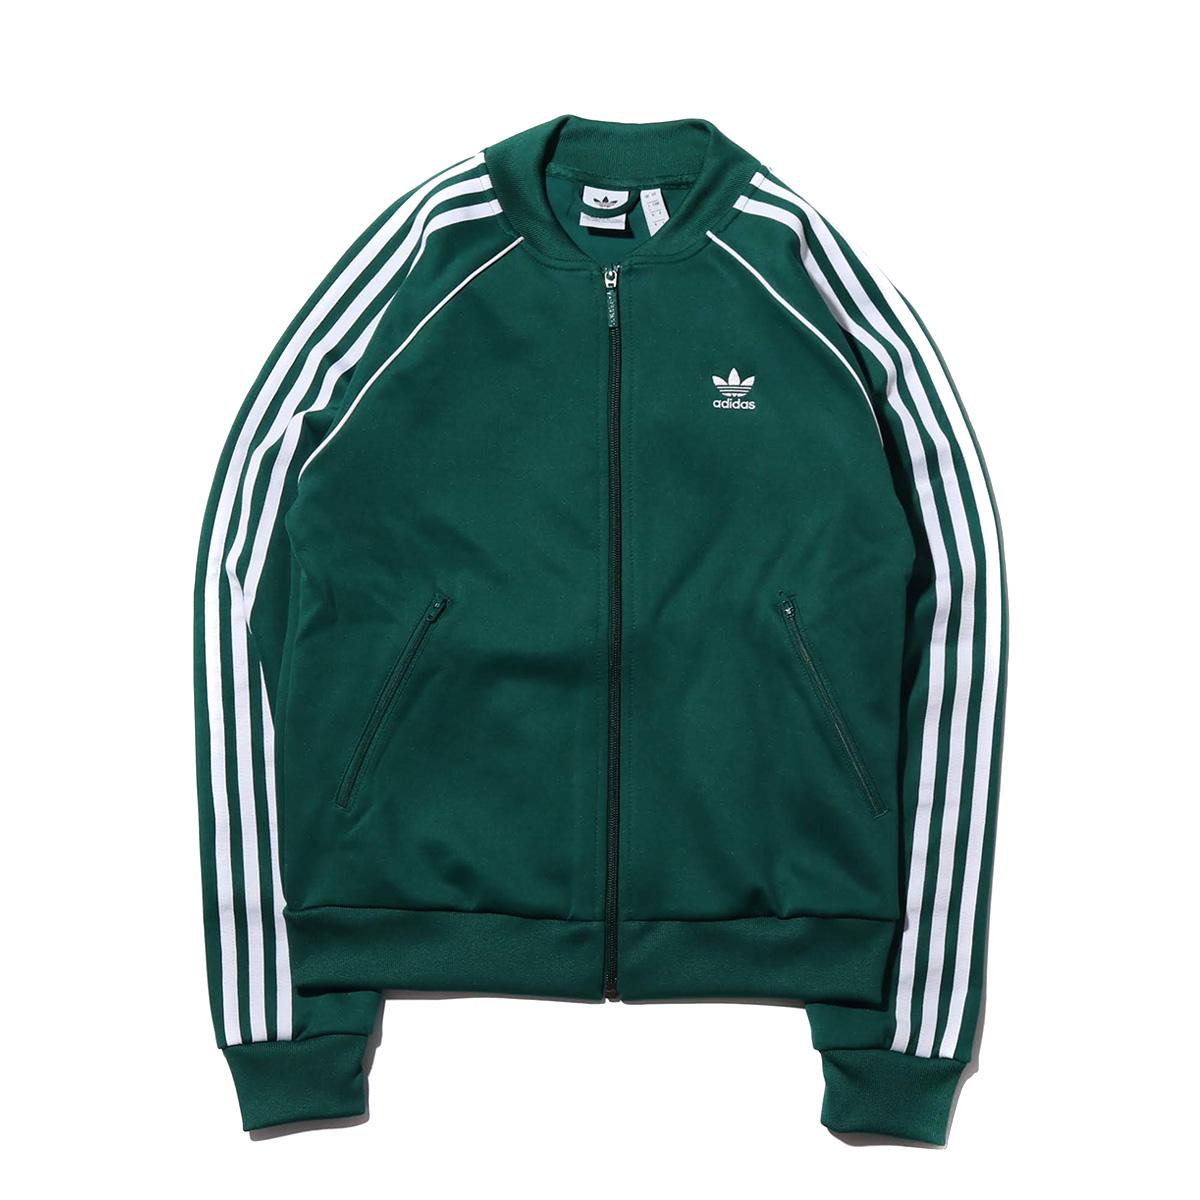 adidas Originals SST TRACK TOP (アディダスオリジナルス SST トラックトップ)COLLEGEATE GREEN【レディース ジャケット】19SS-I